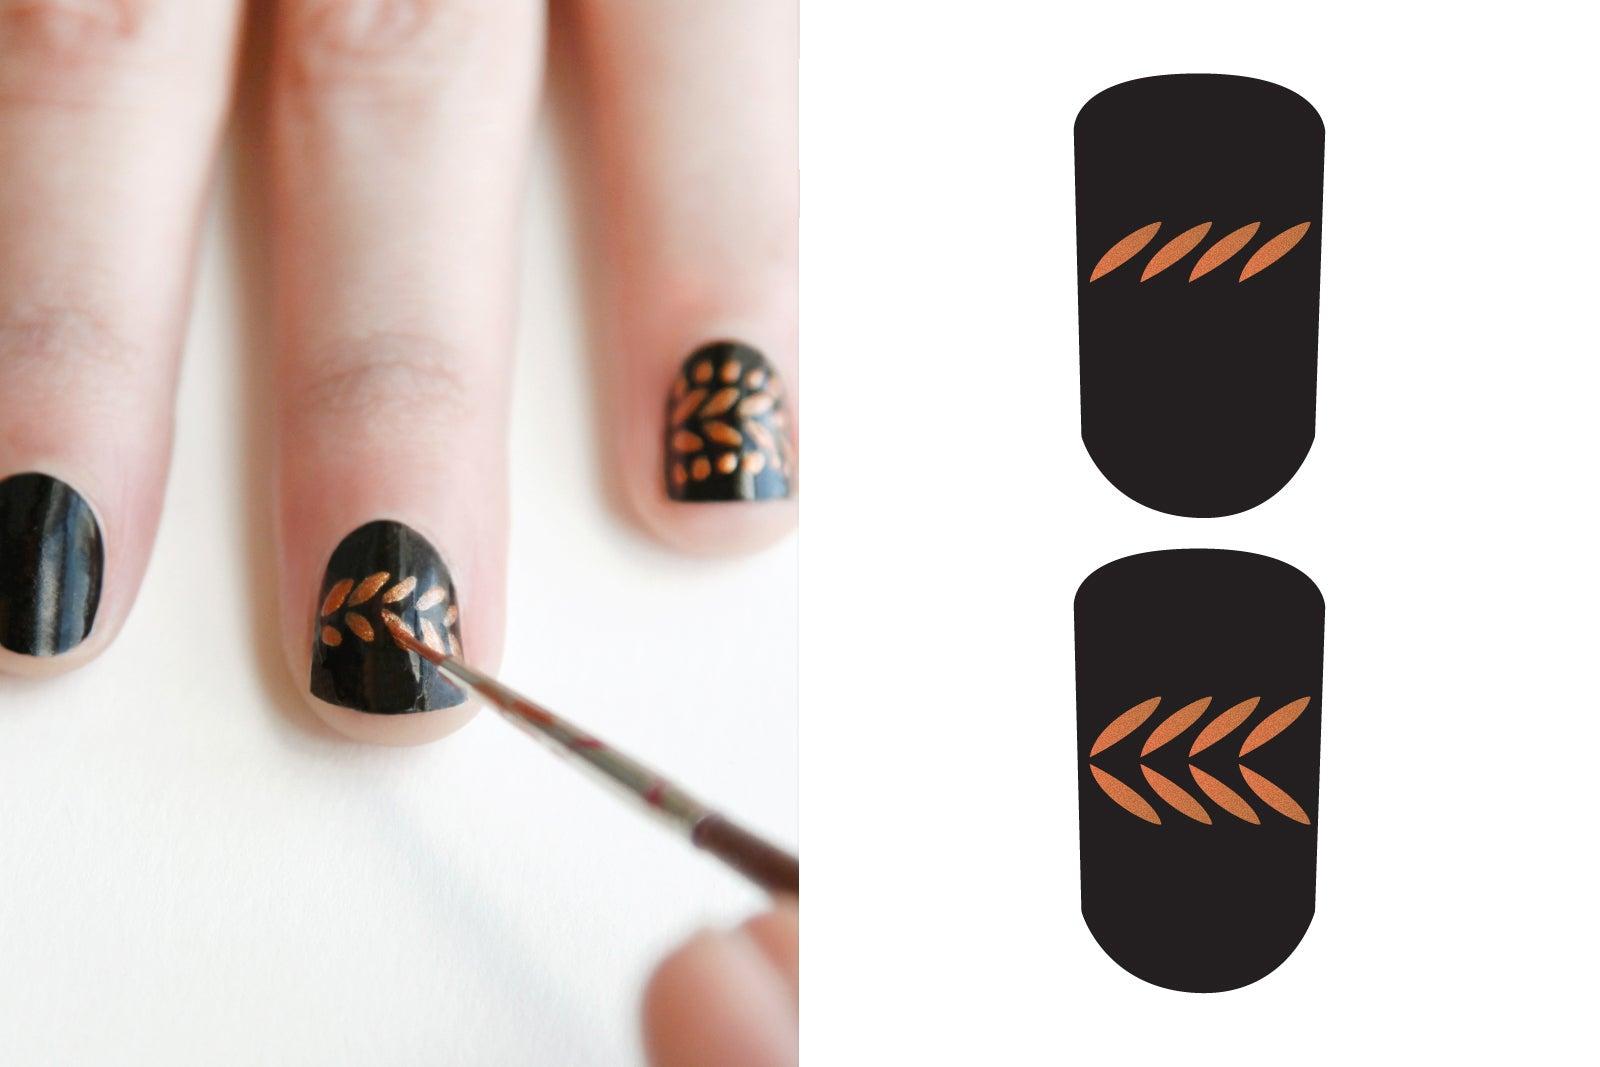 Как сделать легко рисунок на ногтях в домашних условиях